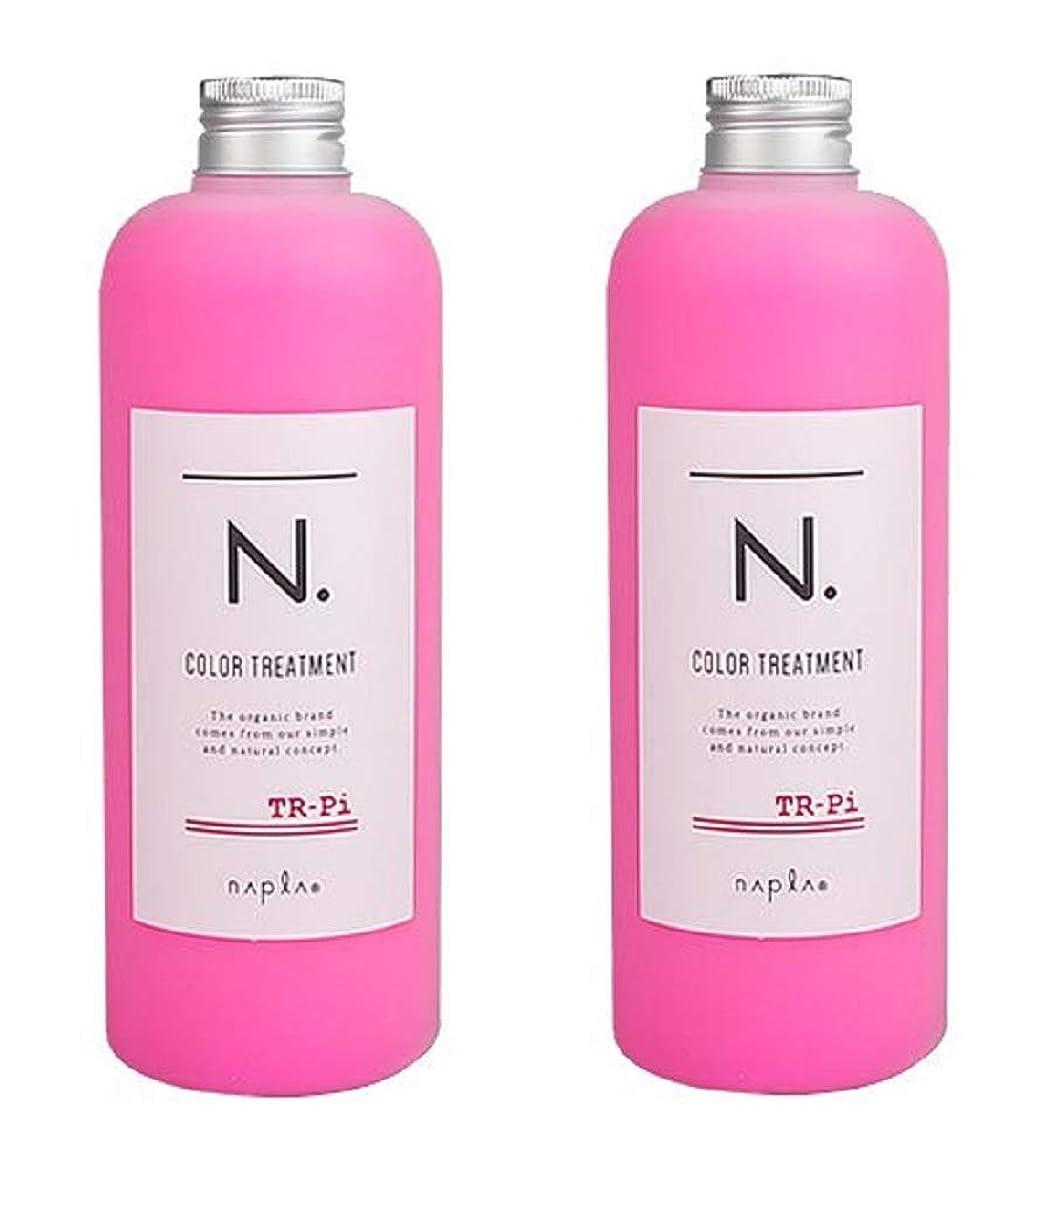 吸収ウェブパケット【2本セット】 ナプラ N. カラートリートメント 300g ピンク